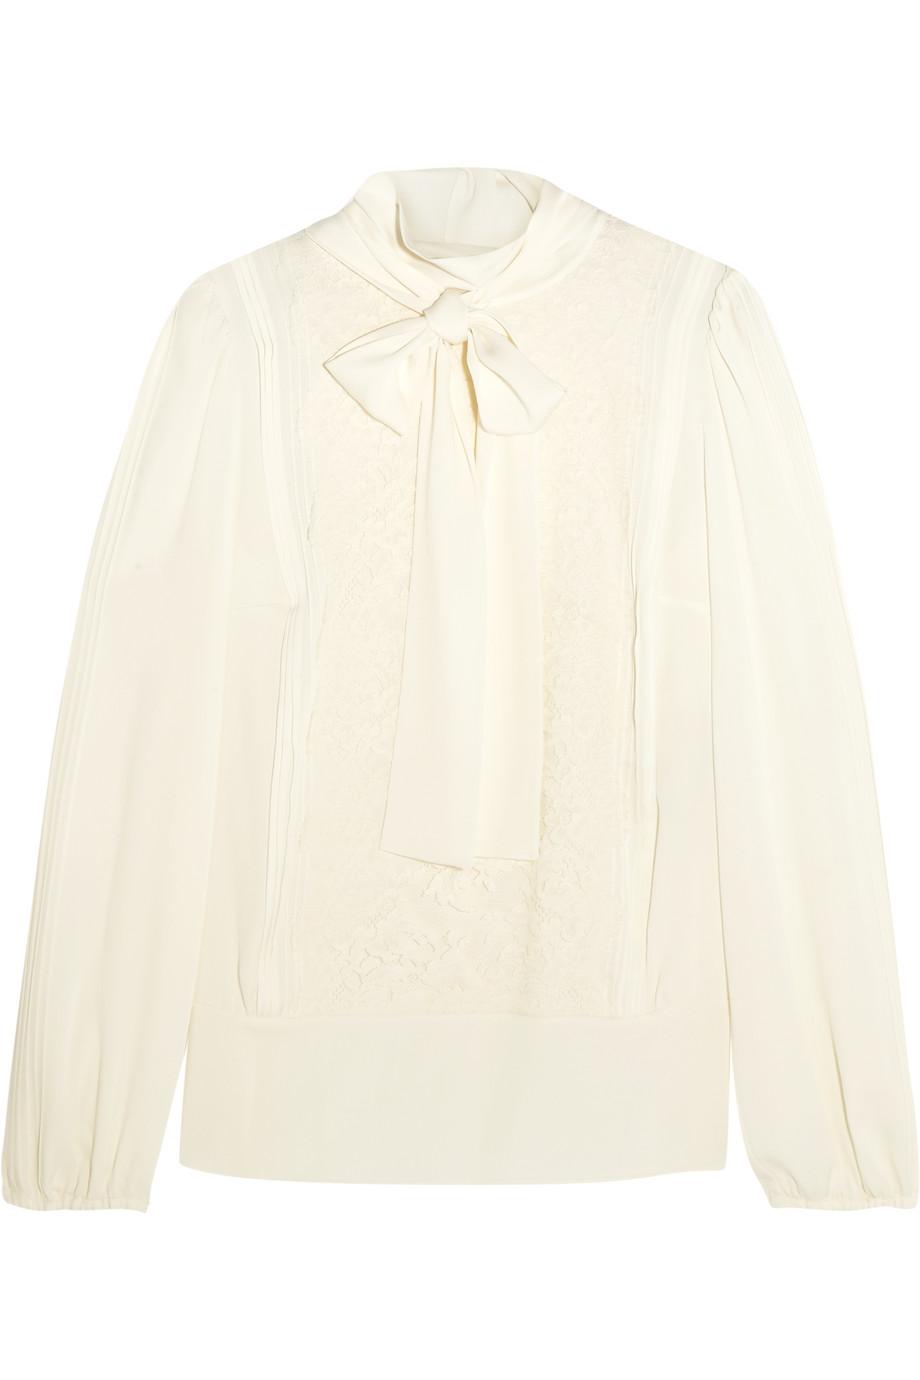 Dolce & Gabbana Pussy-Bow Lace-Paneled Silk-Blend Chiffon Shirt, Ivory, Women's, Size: 44